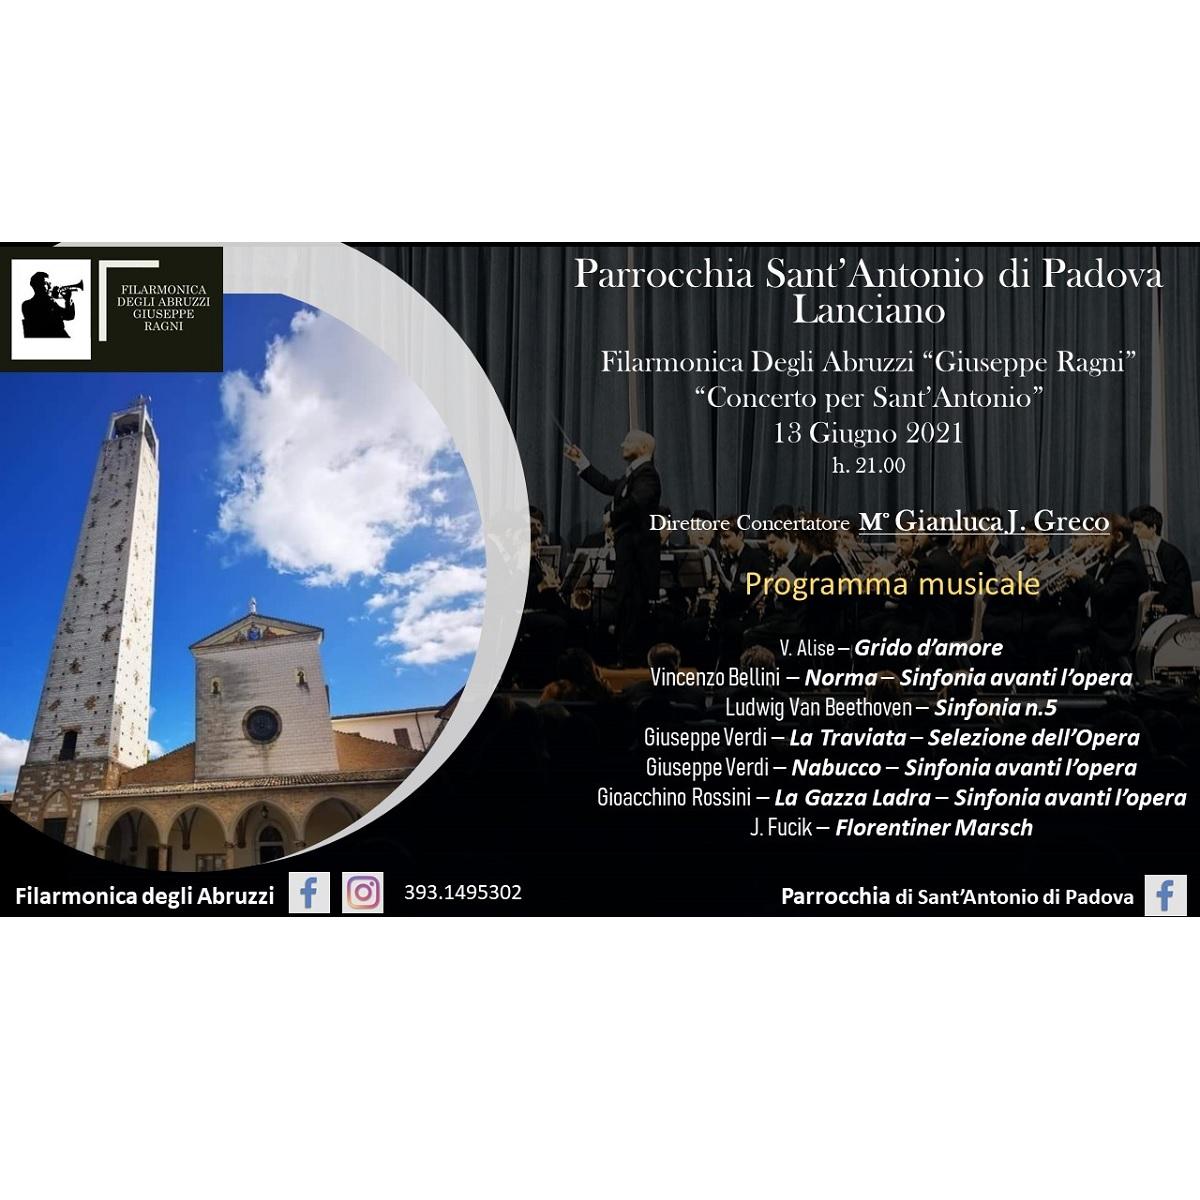 Filarmonica Degli Abruzzi a Lanciano domenica 13 giugno 2021 foto